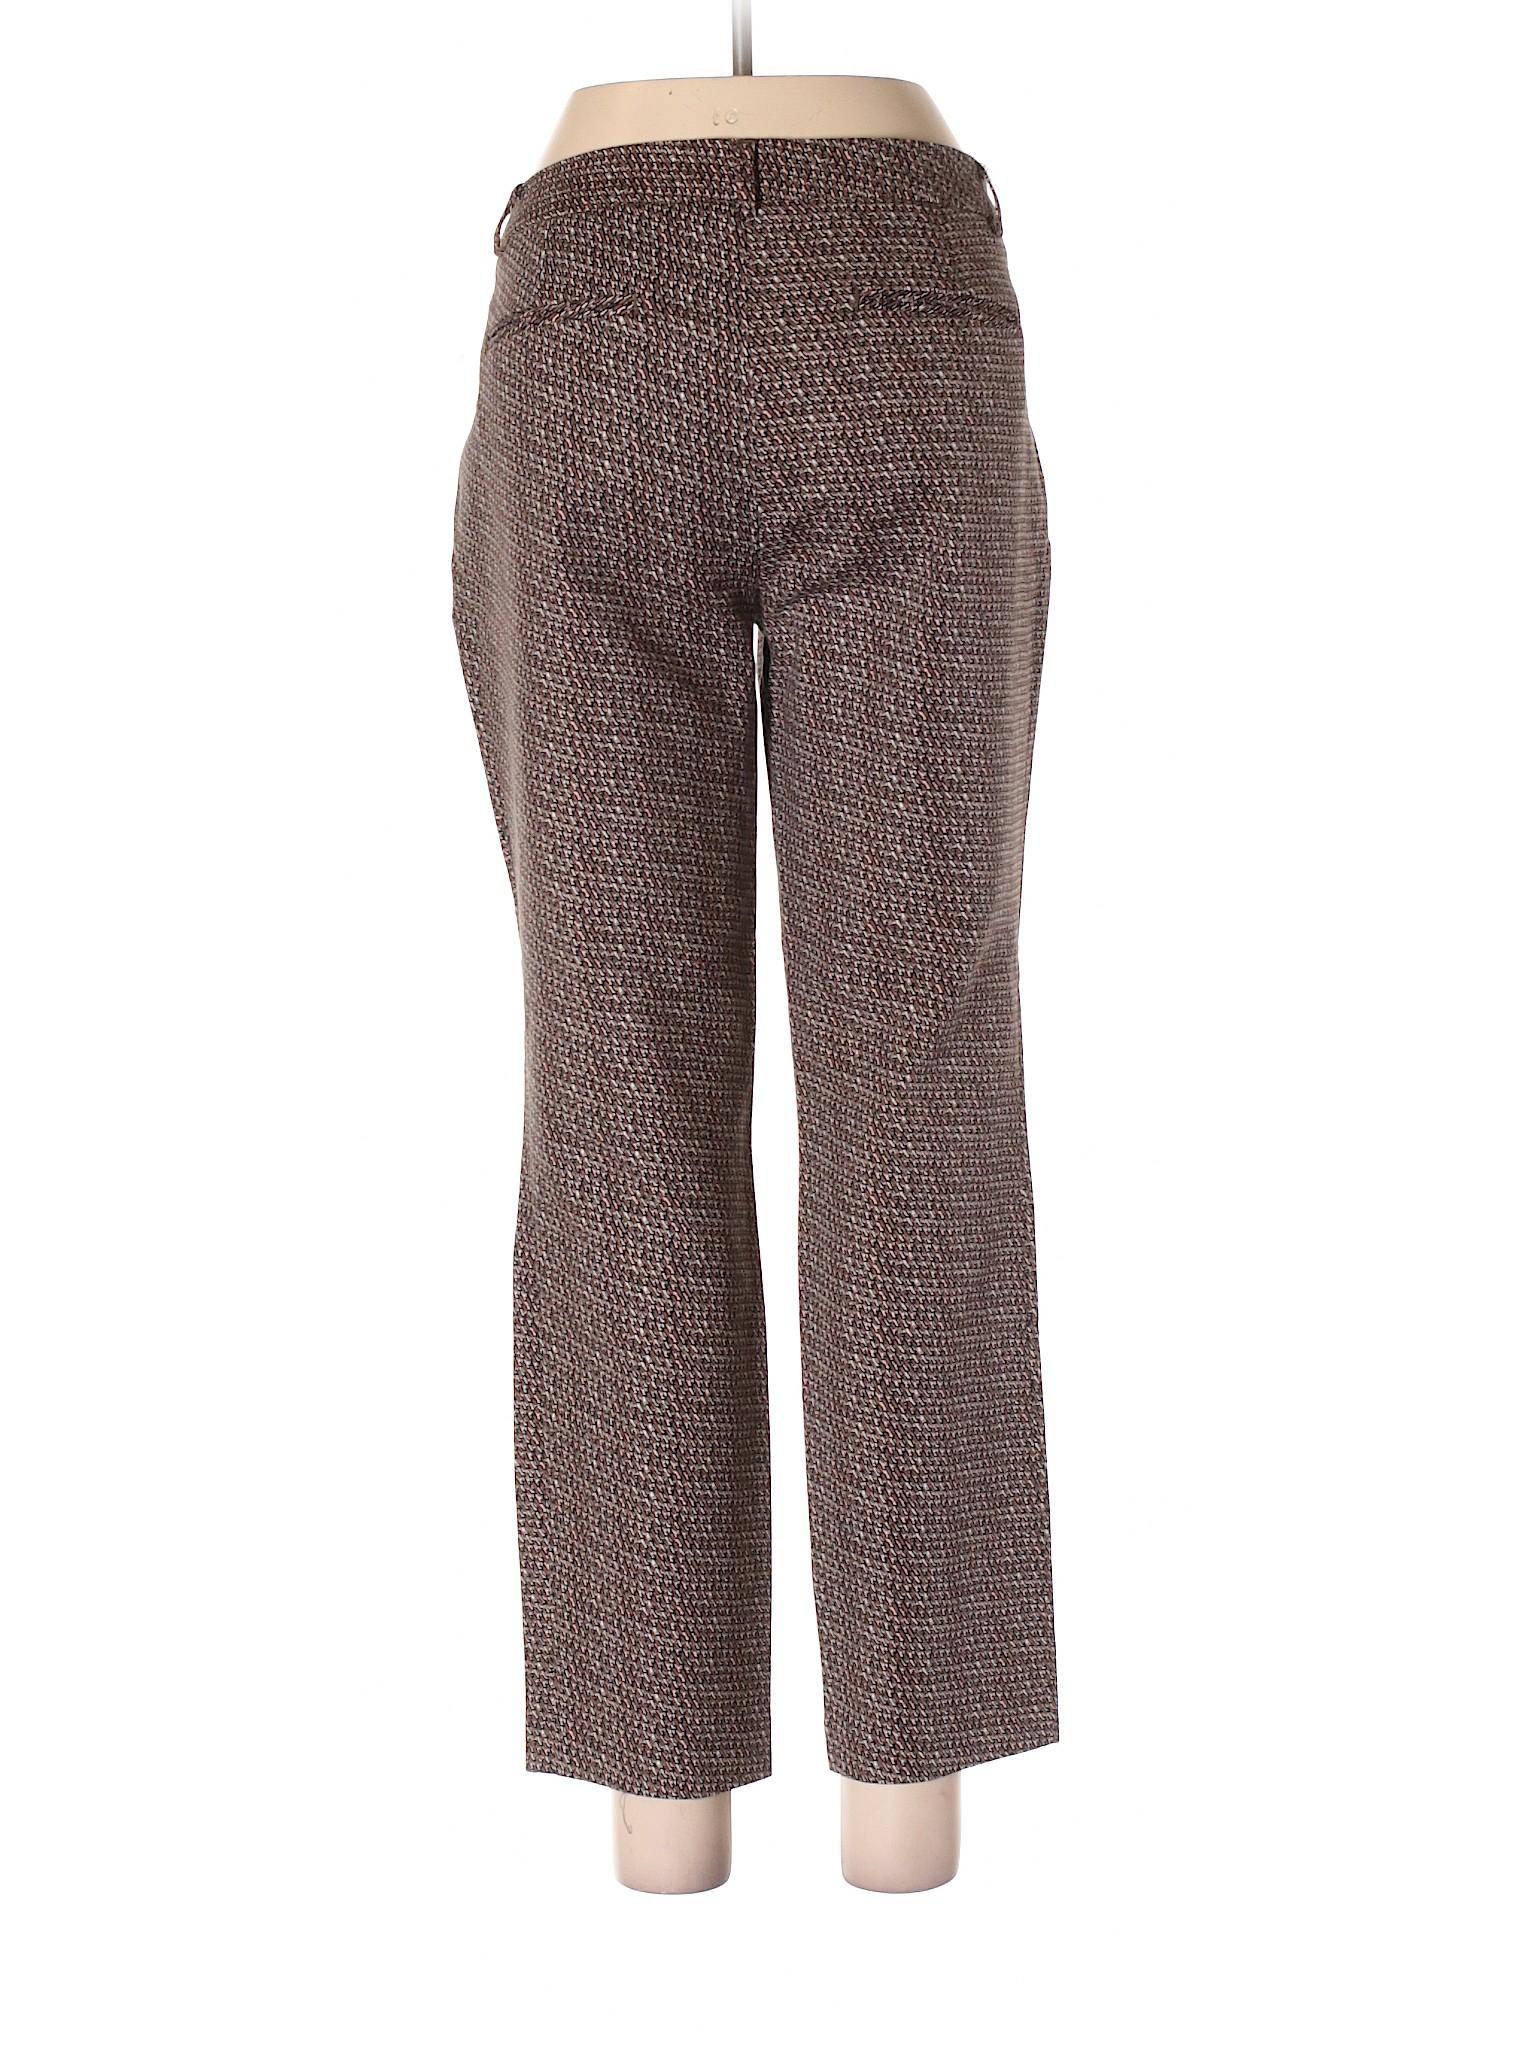 leisure Boutique leisure Kenar Casual Boutique Boutique Pants Kenar Pants Casual xqZ4IntEYw